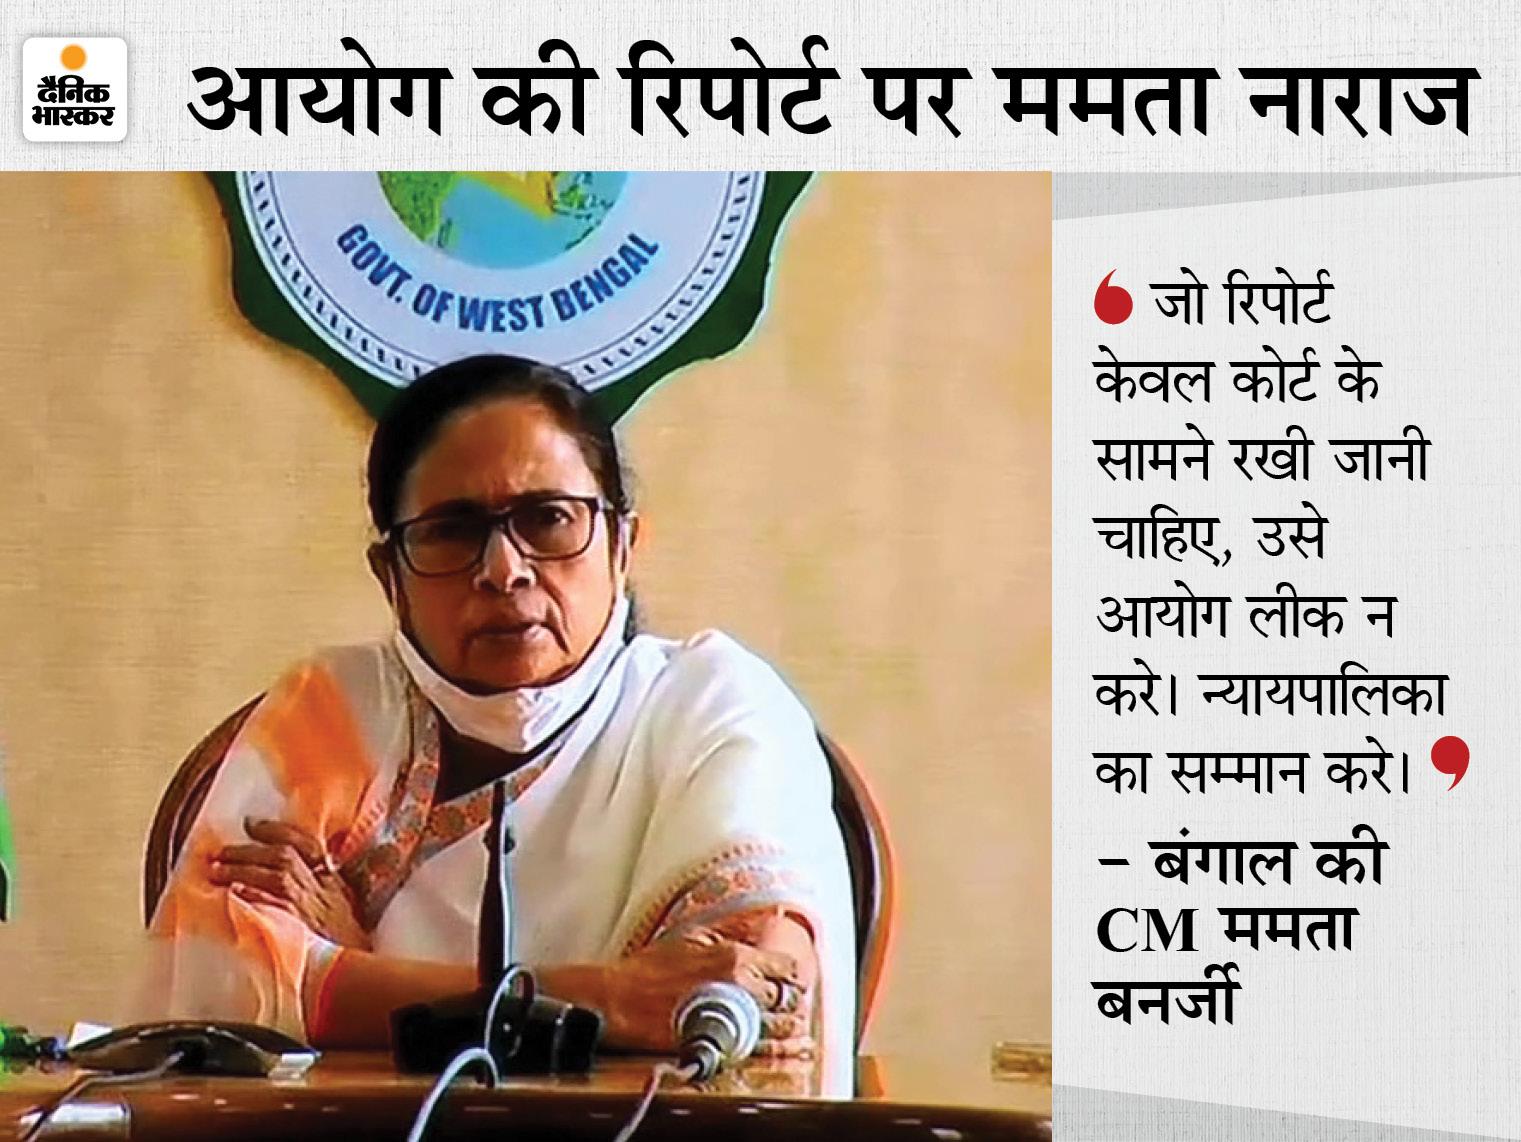 मानवाधिकार आयोग ने कोर्ट से कहा- बंगाल में कानून का शासन नहीं, बल्कि शासक का कानून; CBI जांच की जाए|देश,National - Dainik Bhaskar